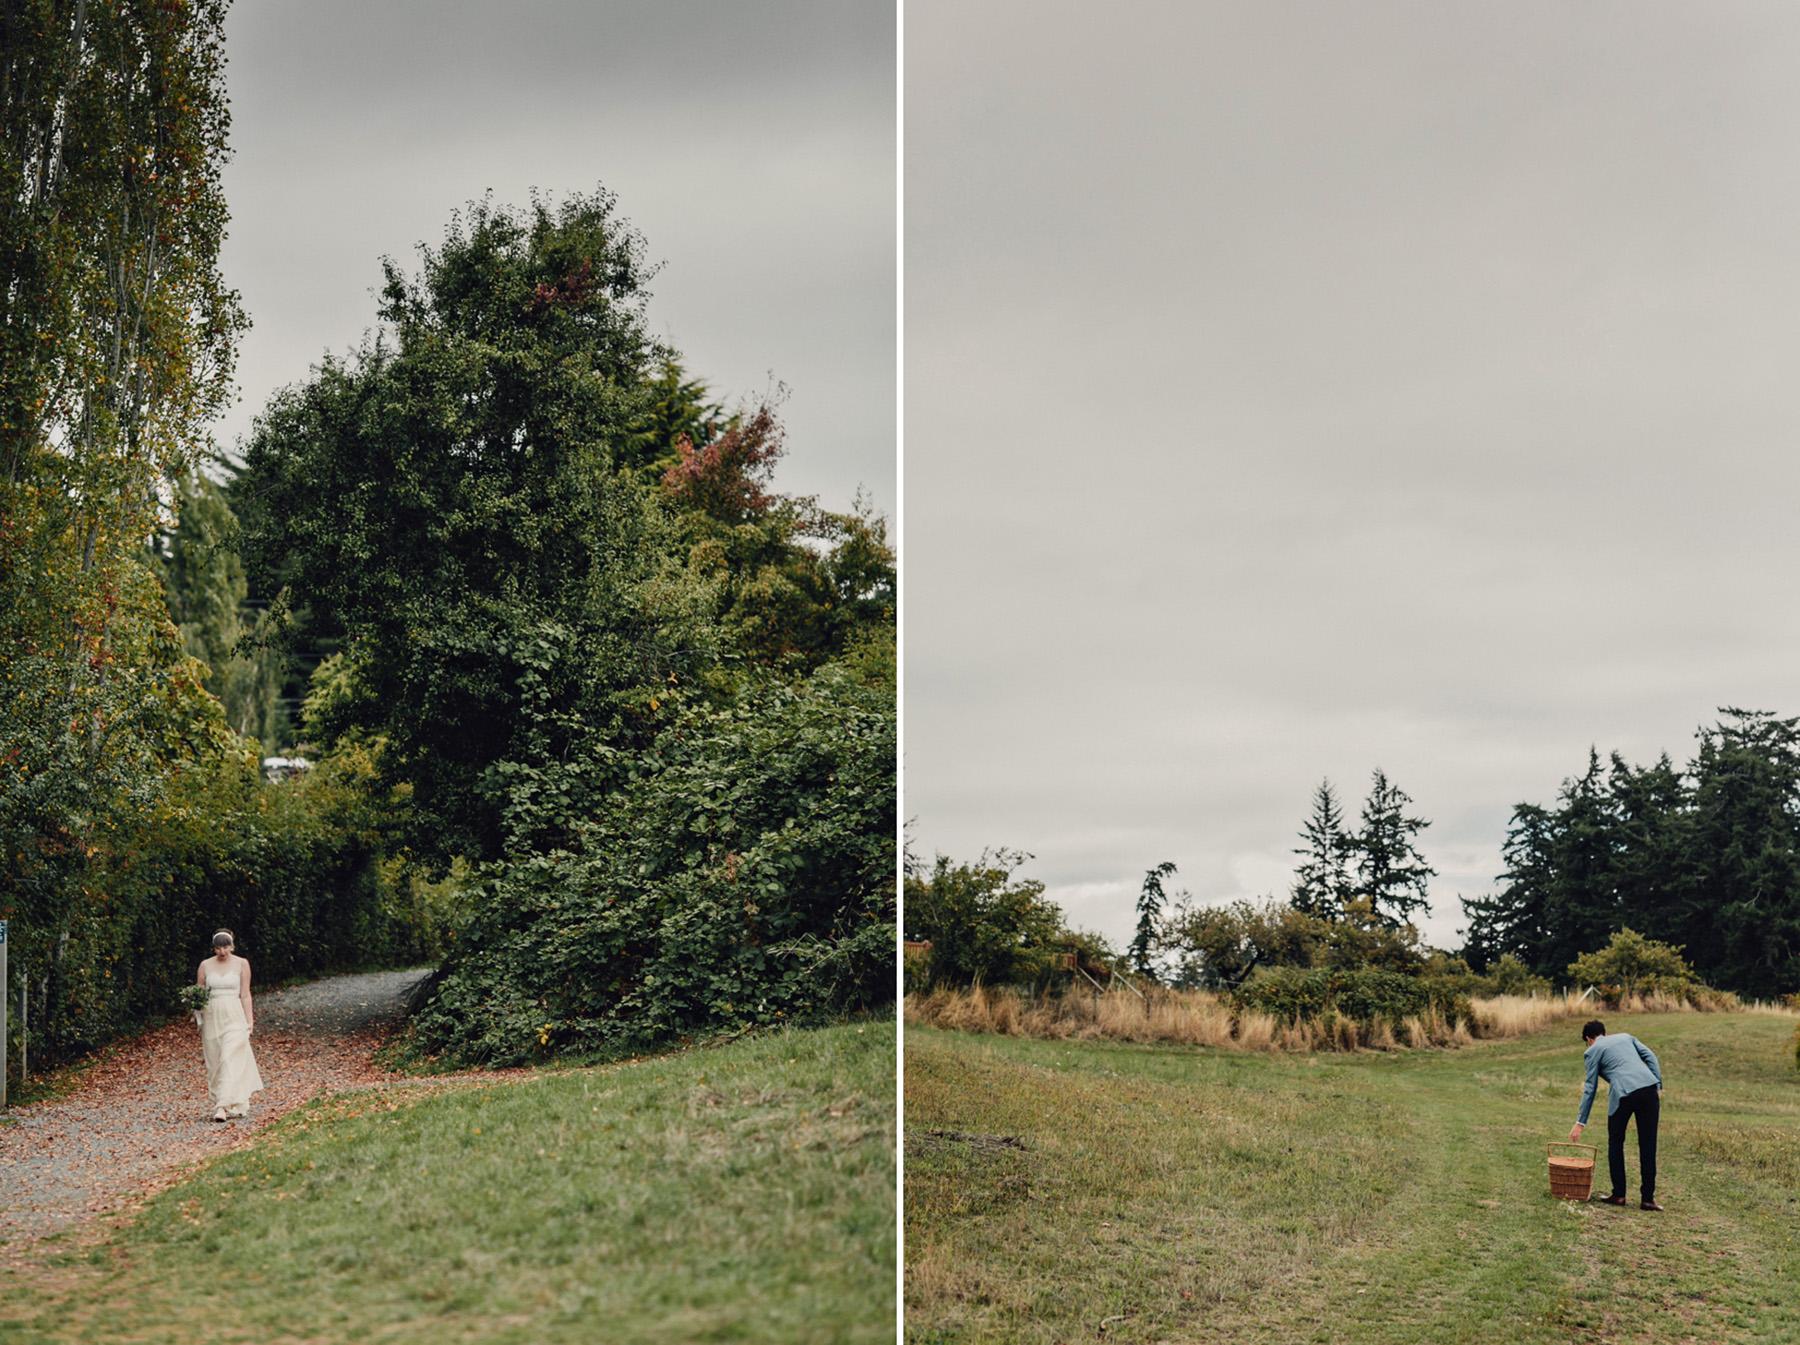 Glenrosa-Farms-Wedding-Photos-0185.jpg